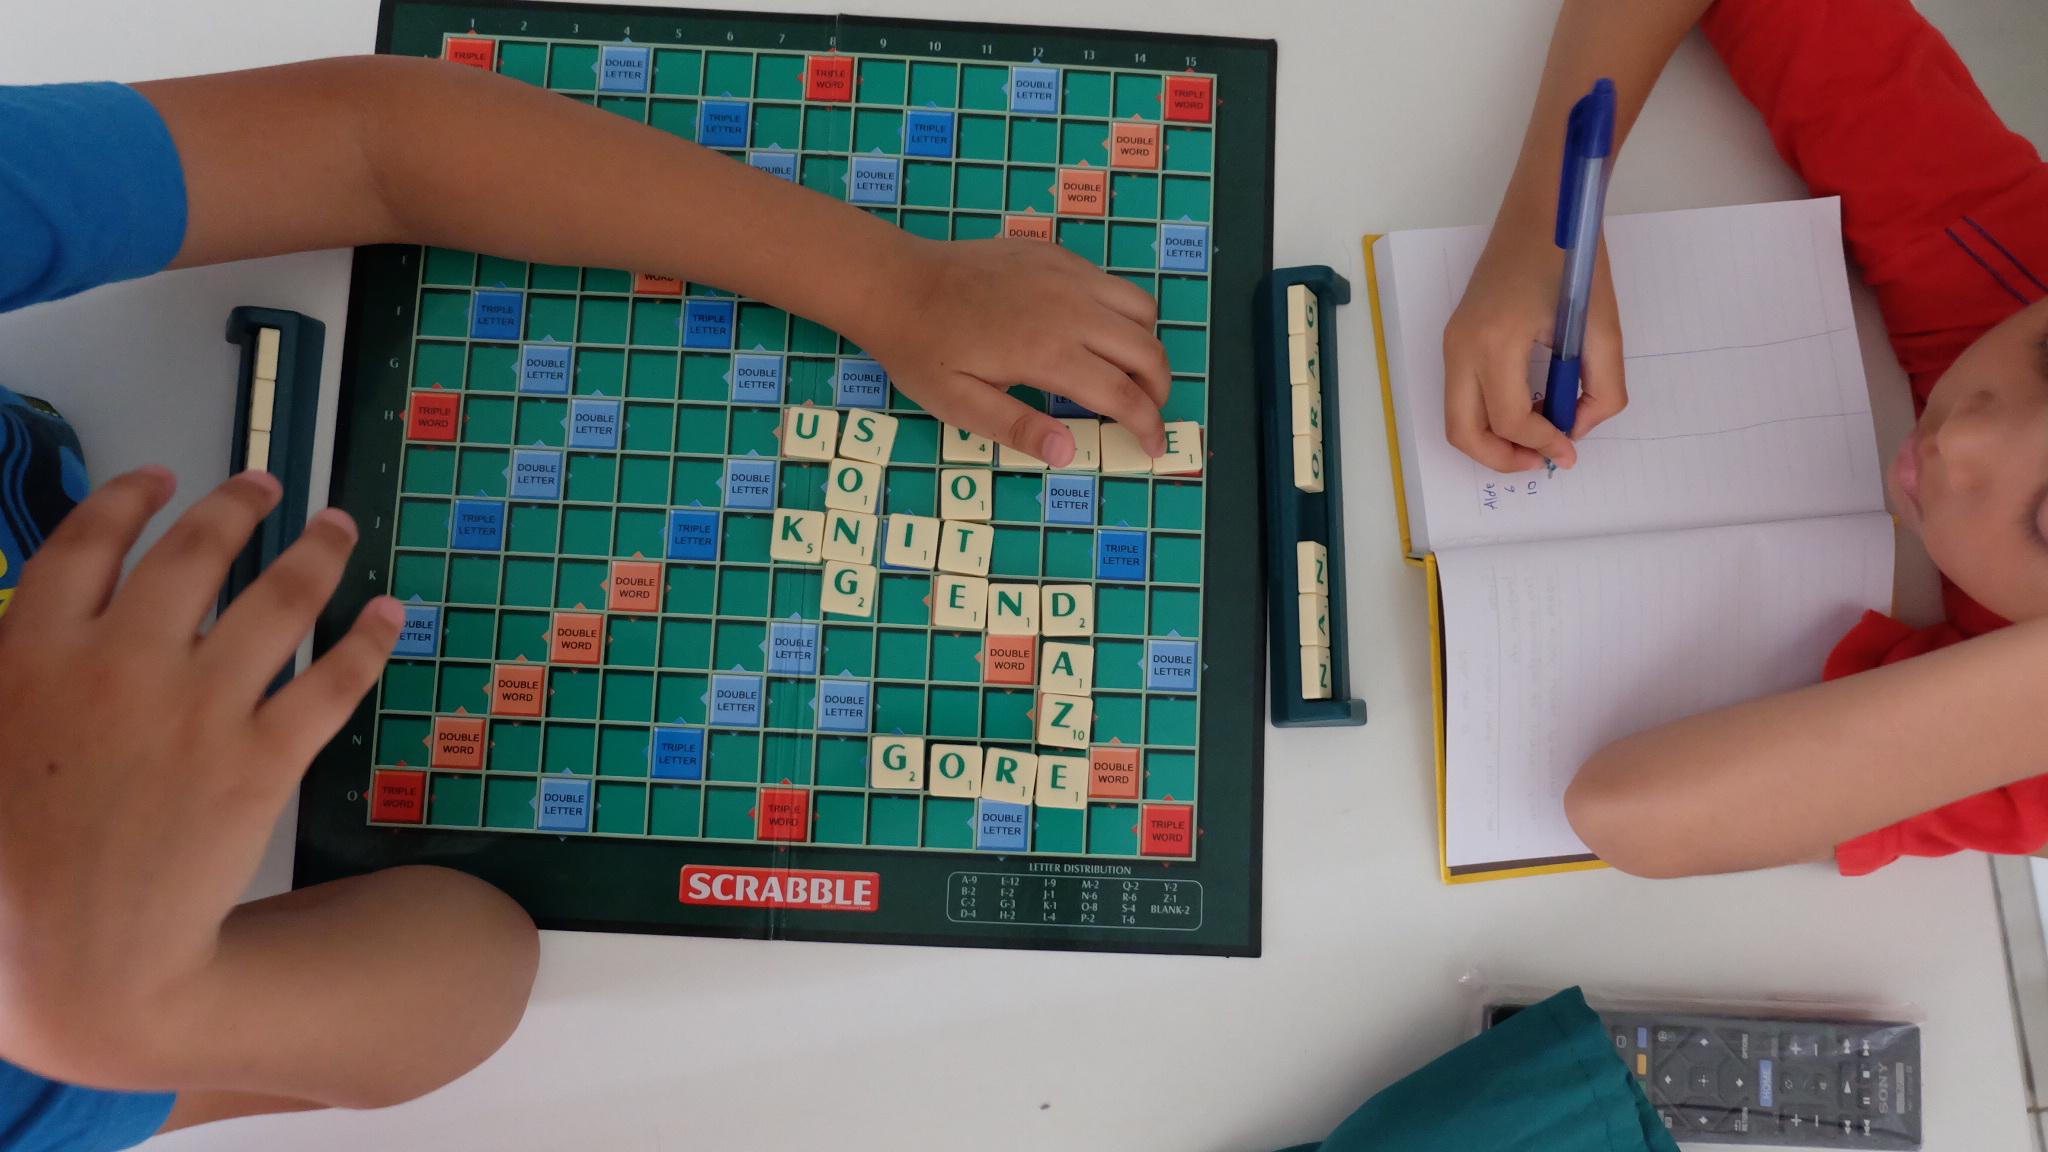 Permainan Kata / Scrabble